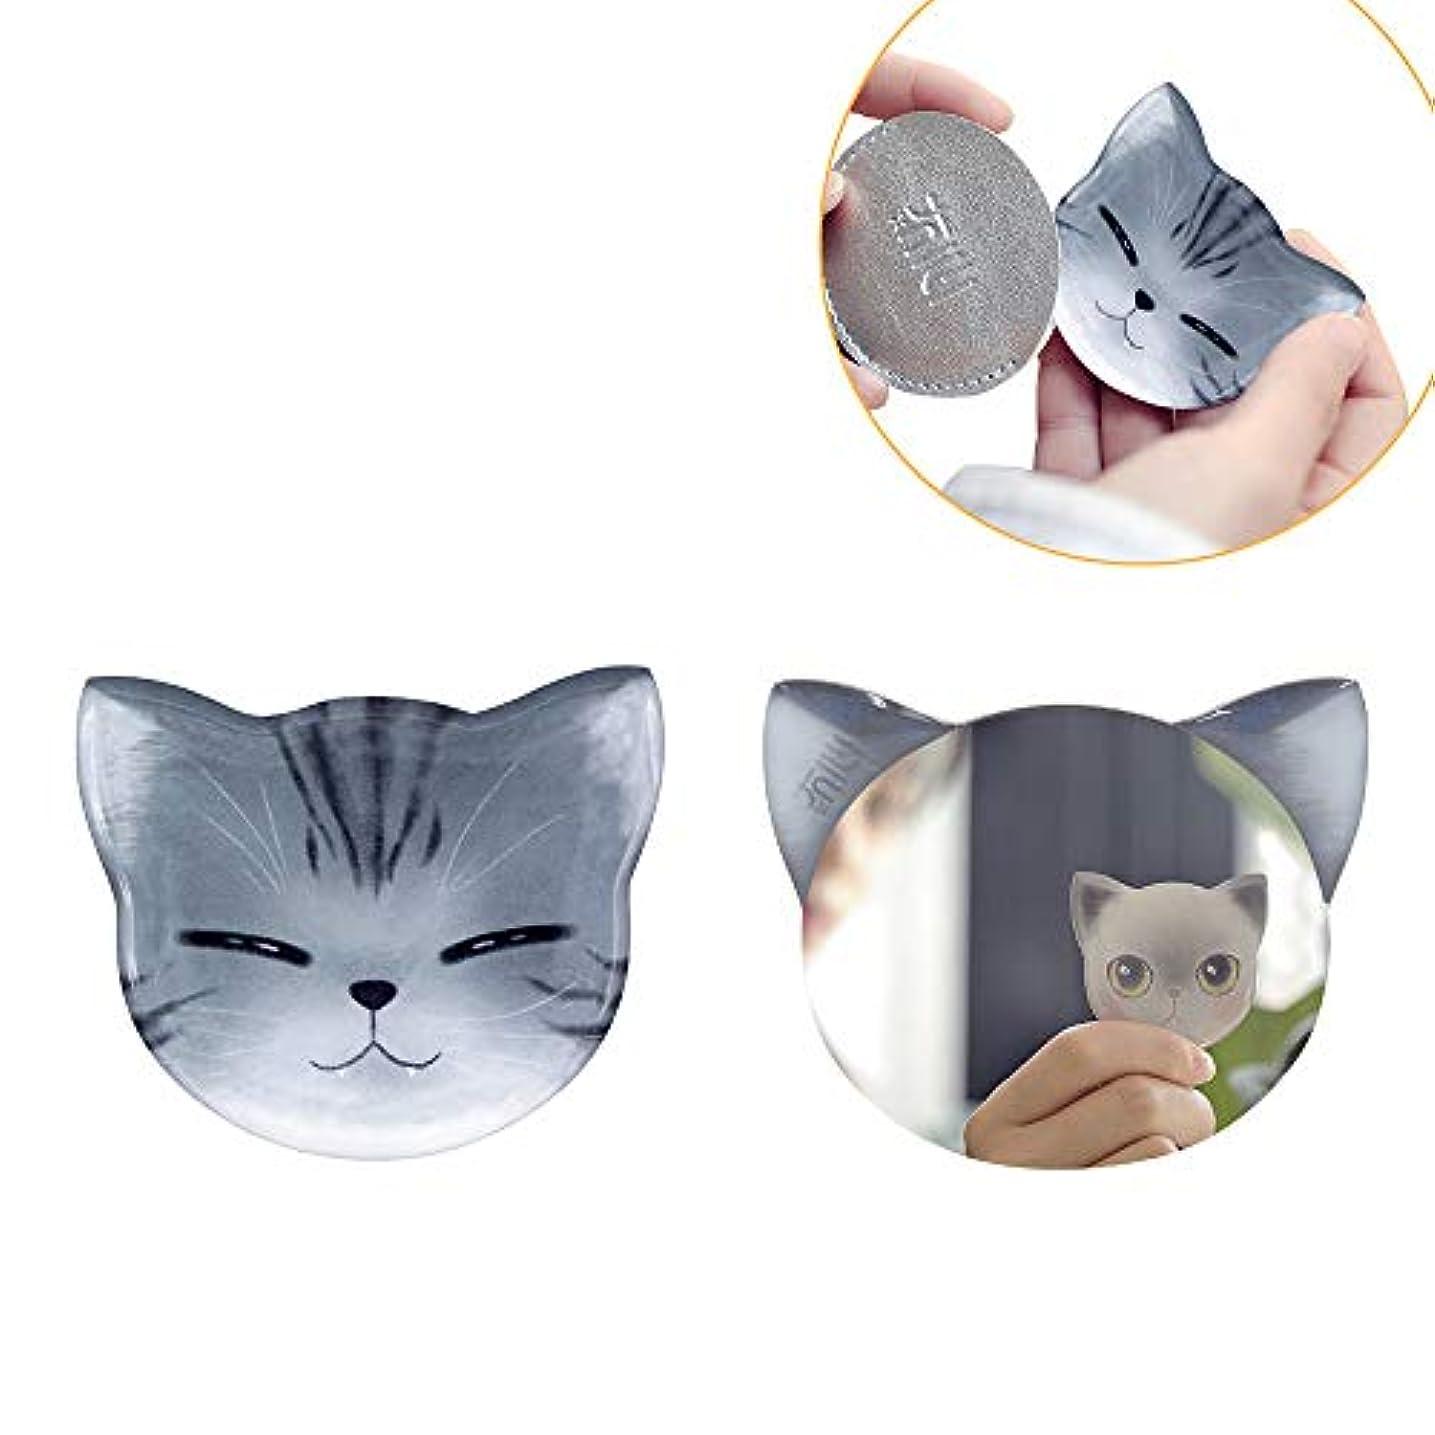 恋人ラテン移行する手鏡 コンパクト iitrust 猫柄 8パタン 収納袋付き 割れない 鏡 おしゃれ コンパクトミラー ハンドミラー かわいい 手鏡 猫 手鏡 かわいい iitrust並行輸入品